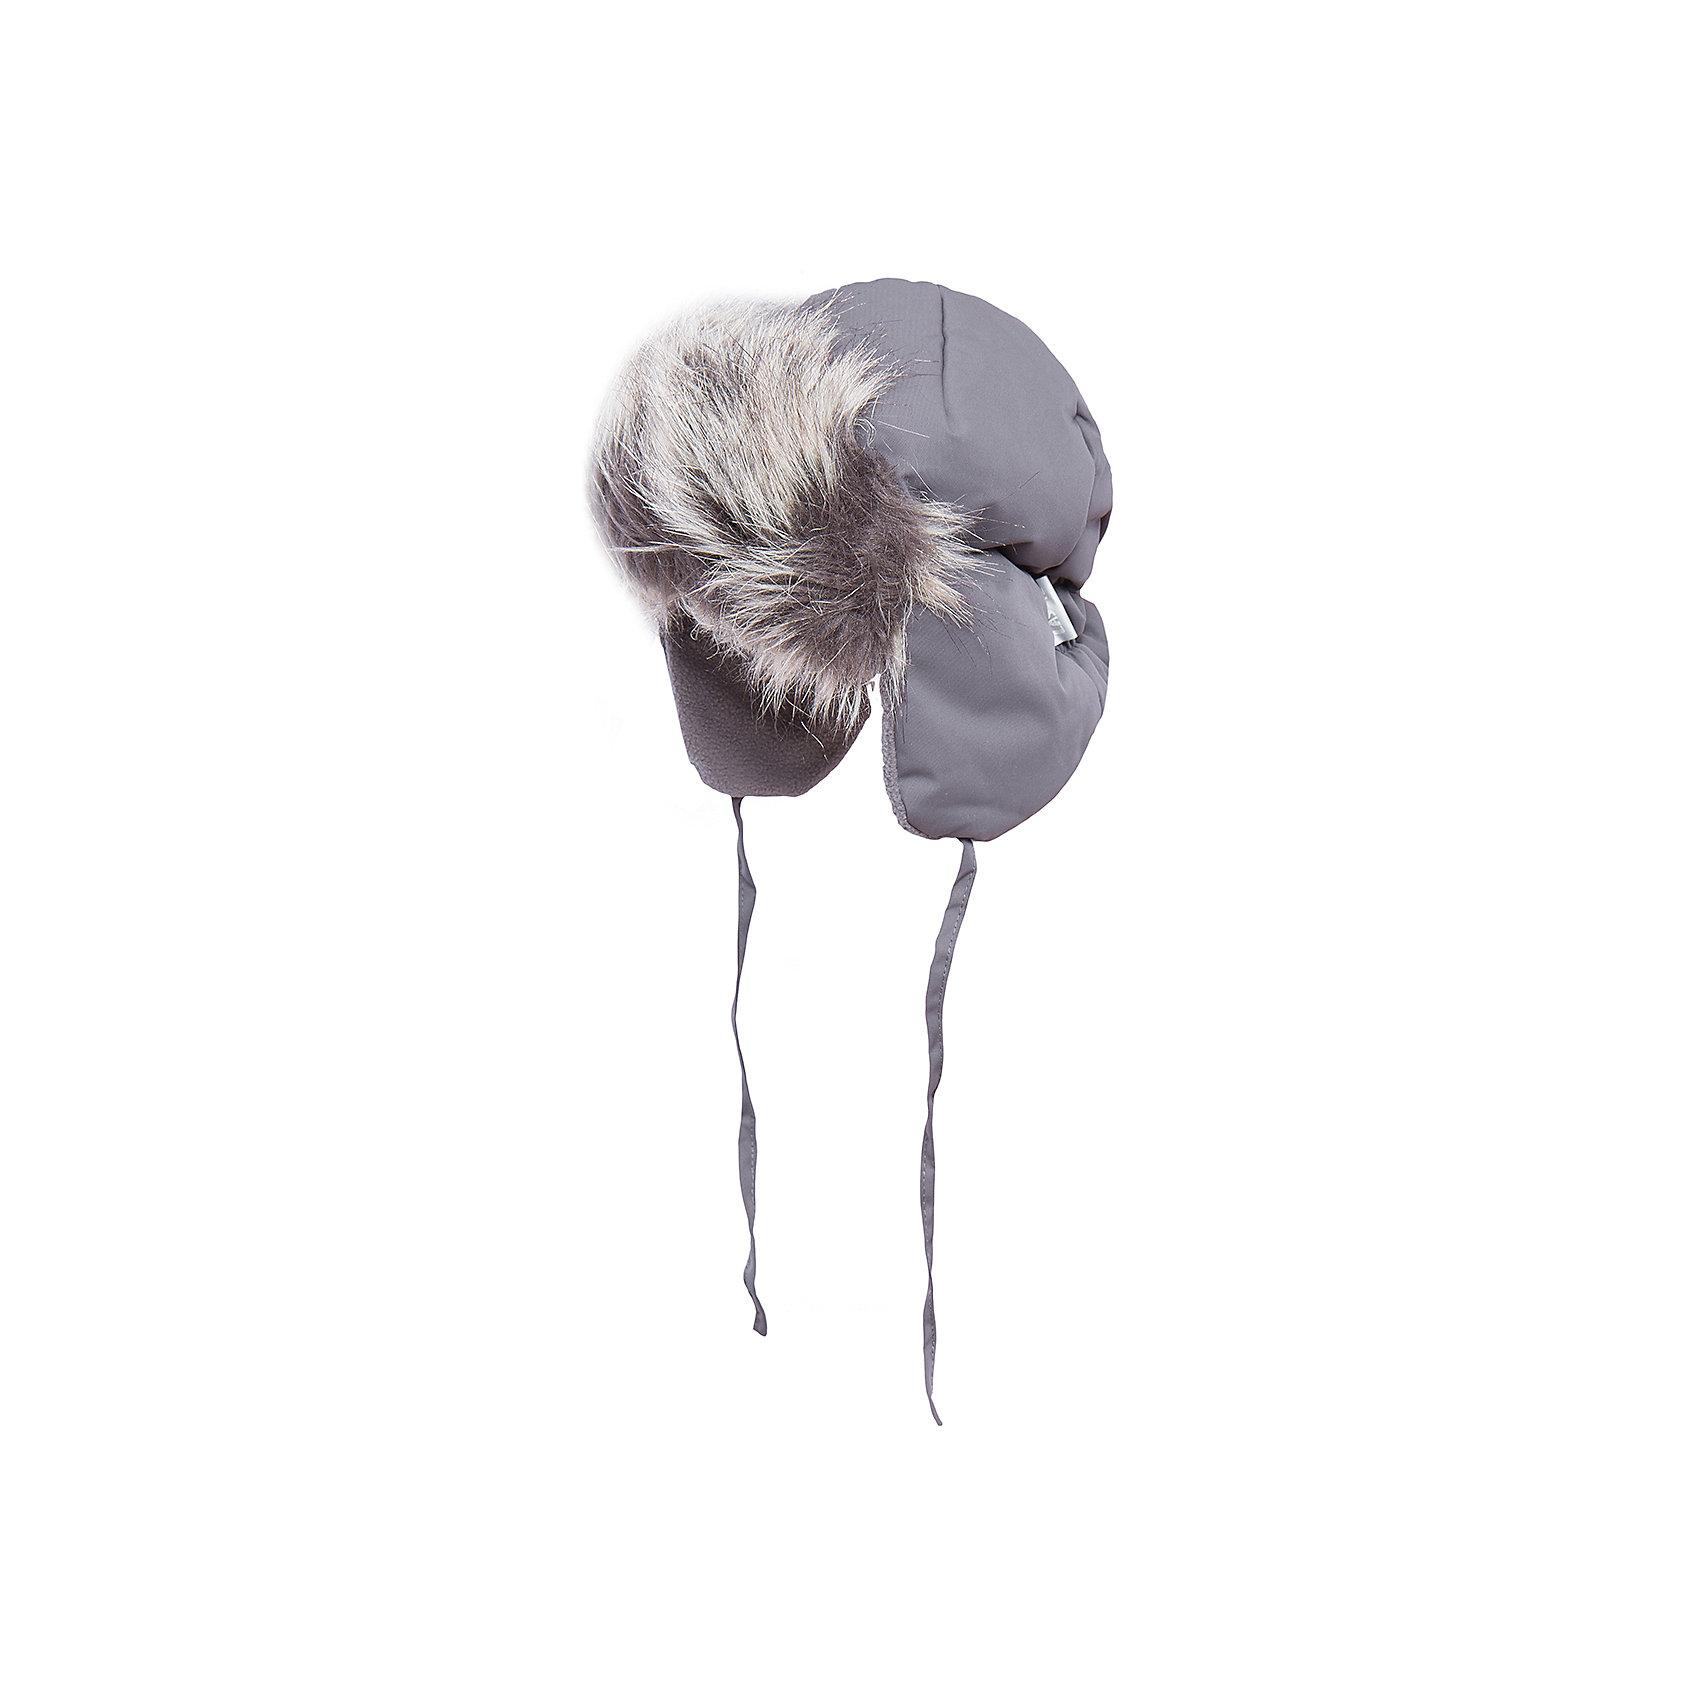 Шапка LASSIE by ReimaШапка для детей известной финской марки LASSIE by Reima.<br><br>Состав: 100% ПЭ, ПУ-покрытие<br><br>Ширина мм: 89<br>Глубина мм: 117<br>Высота мм: 44<br>Вес г: 155<br>Возраст от месяцев: 12<br>Возраст до месяцев: 18<br>Пол: Унисекс<br>Возраст: Детский<br>Размер: 48,46,52<br>SKU: 4864146